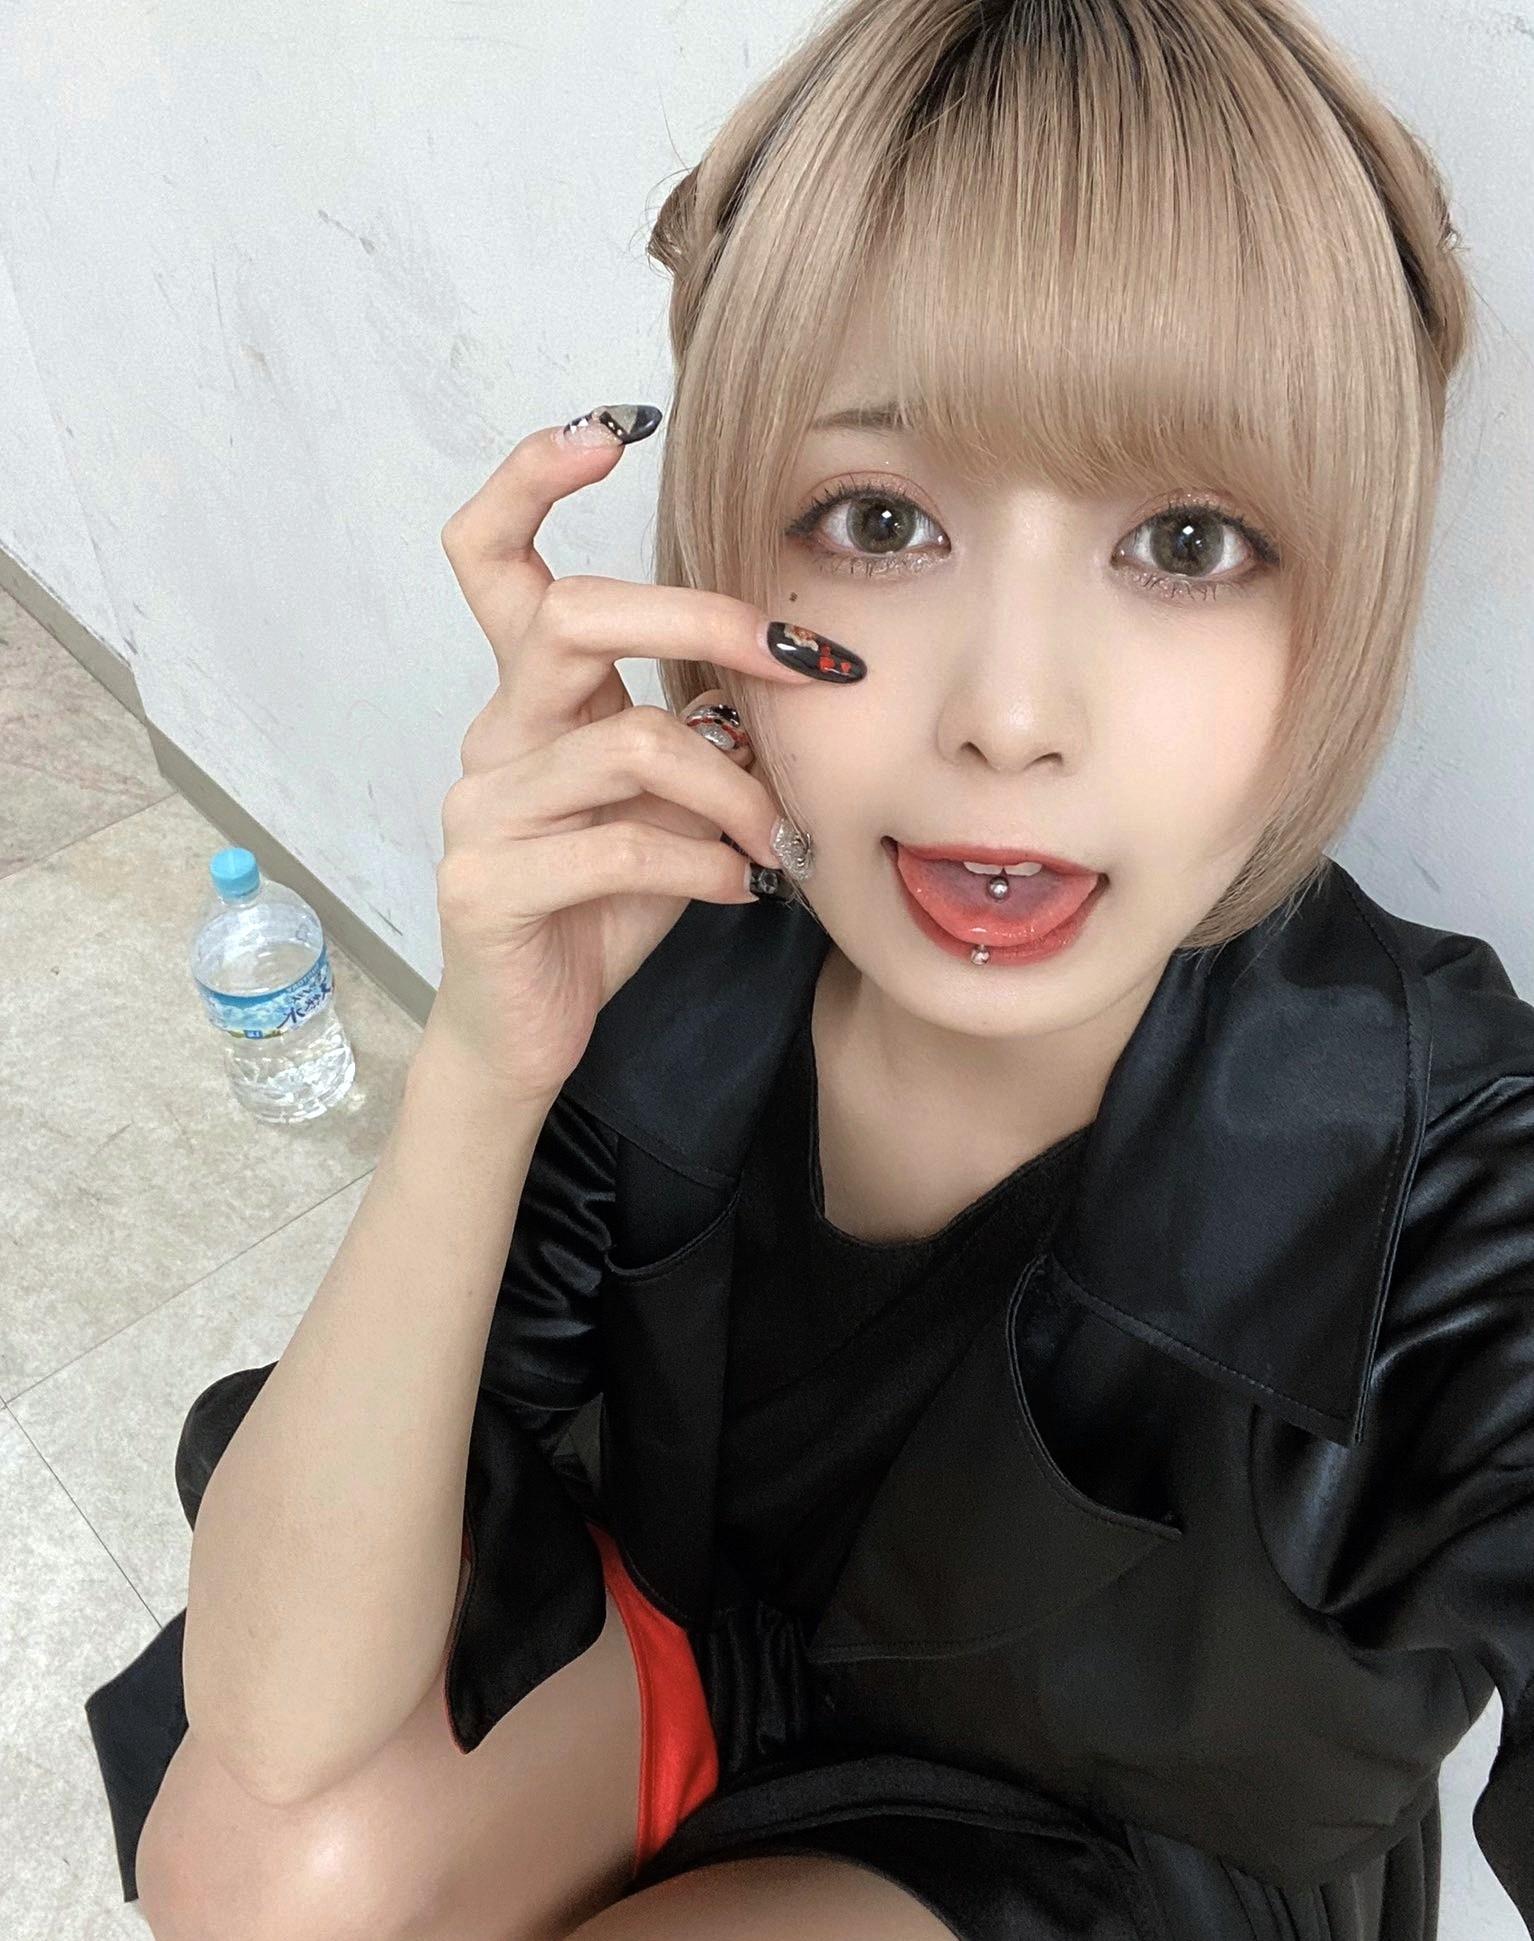 FaM・ゆめみーの舌出し (1)